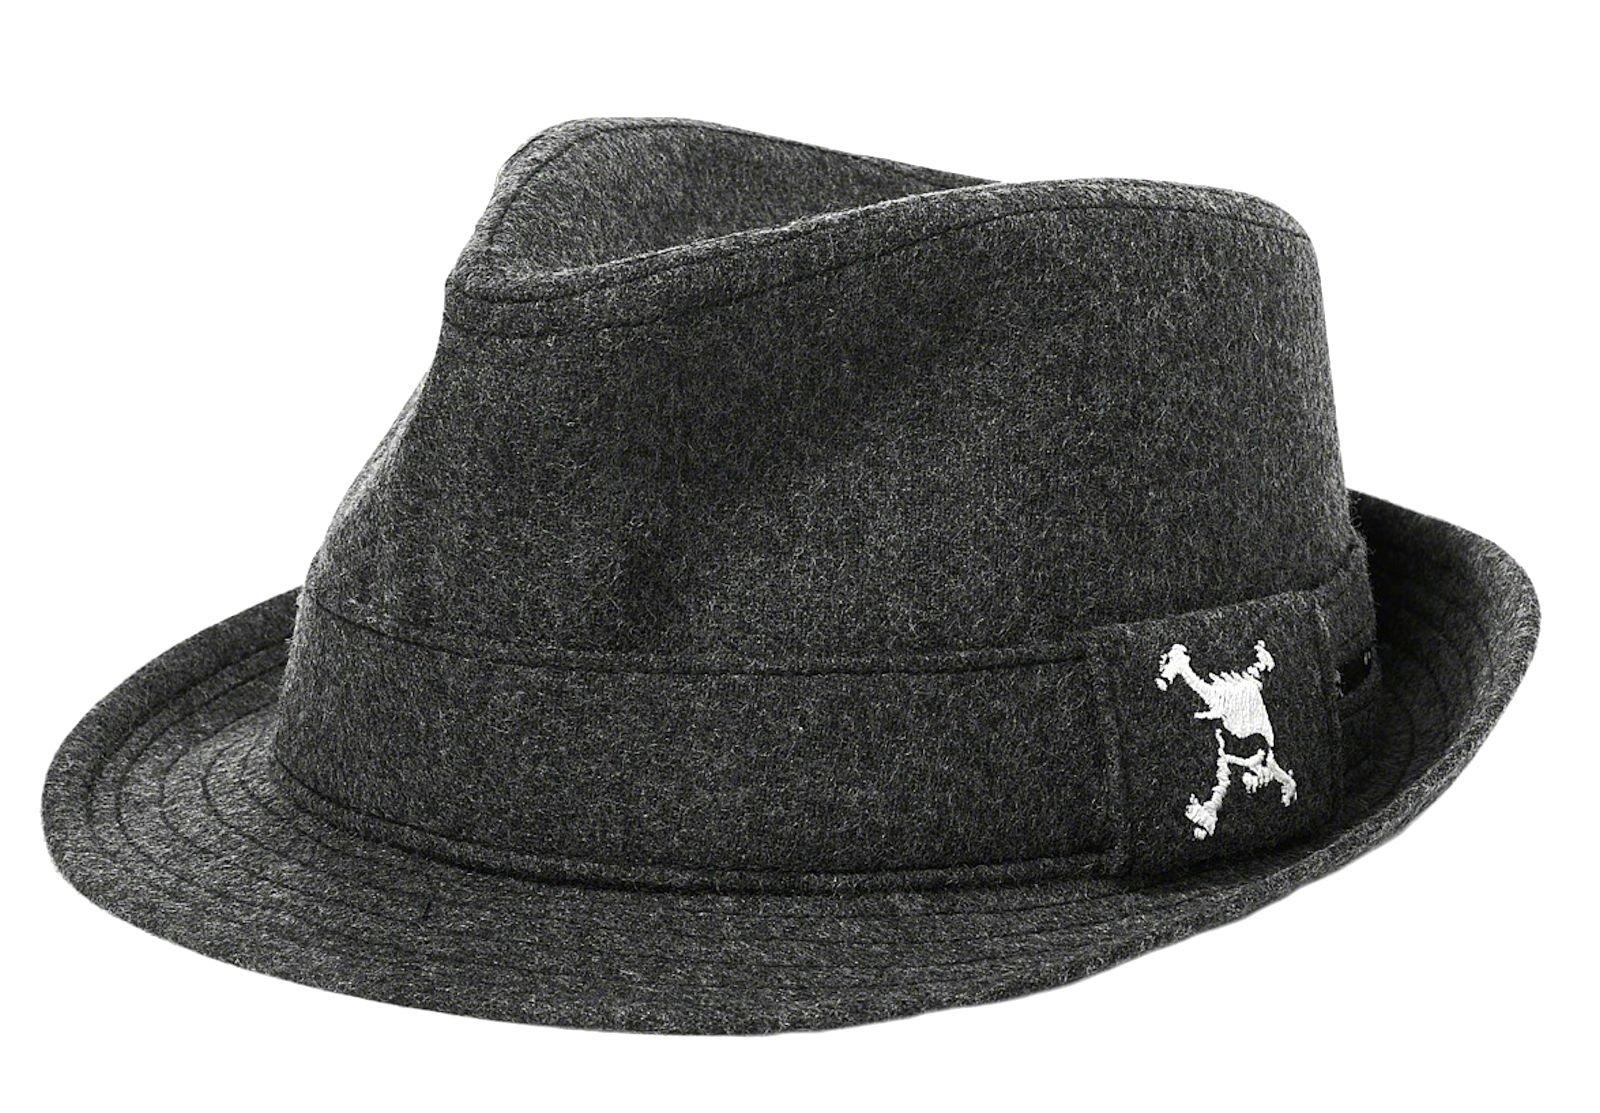 Oakley Golf Japan Skull Tape Men's Adjustable Hat, Black/Heather by Oakley